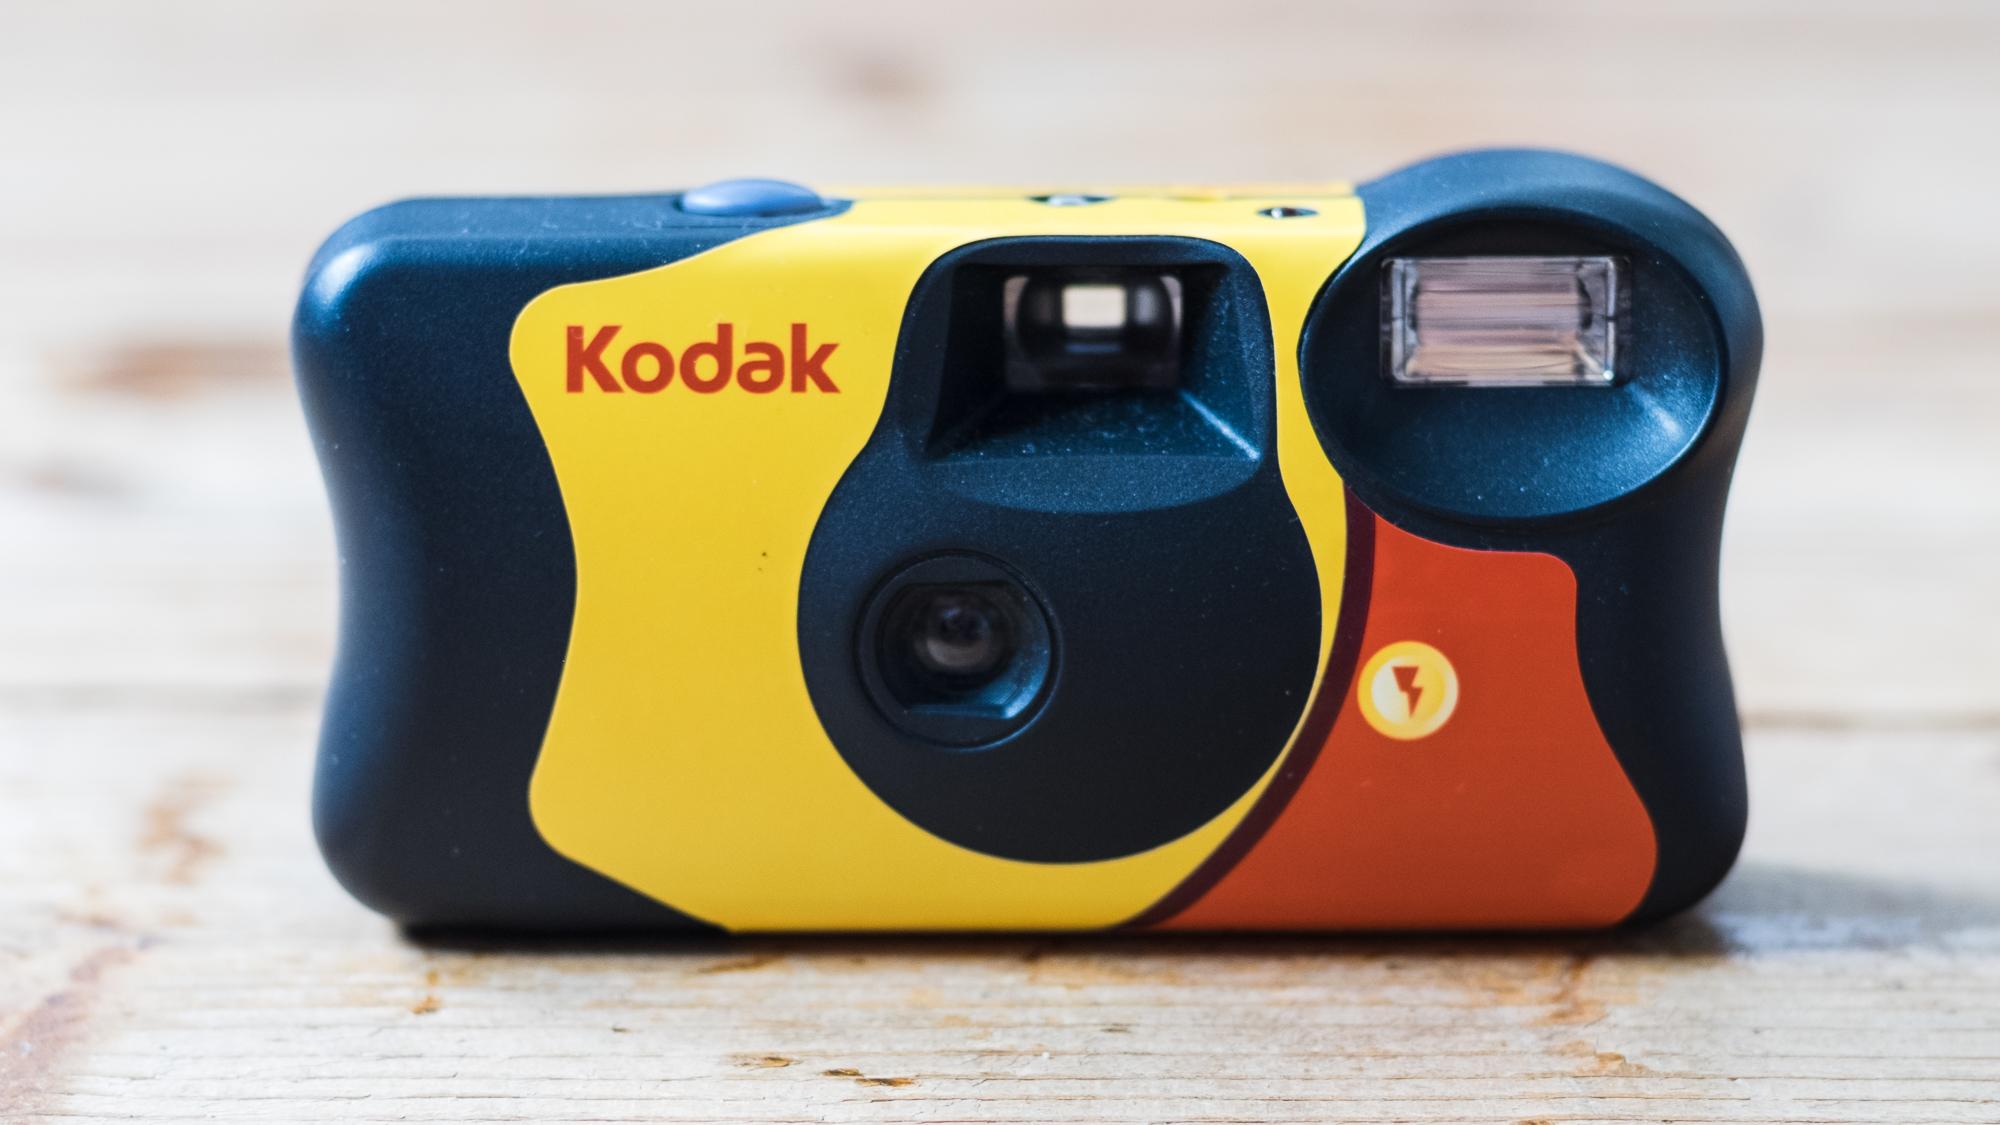 Einmalkamera - Rossmann Kodak // Ich hatte aber eine von dm dabei. pscht.